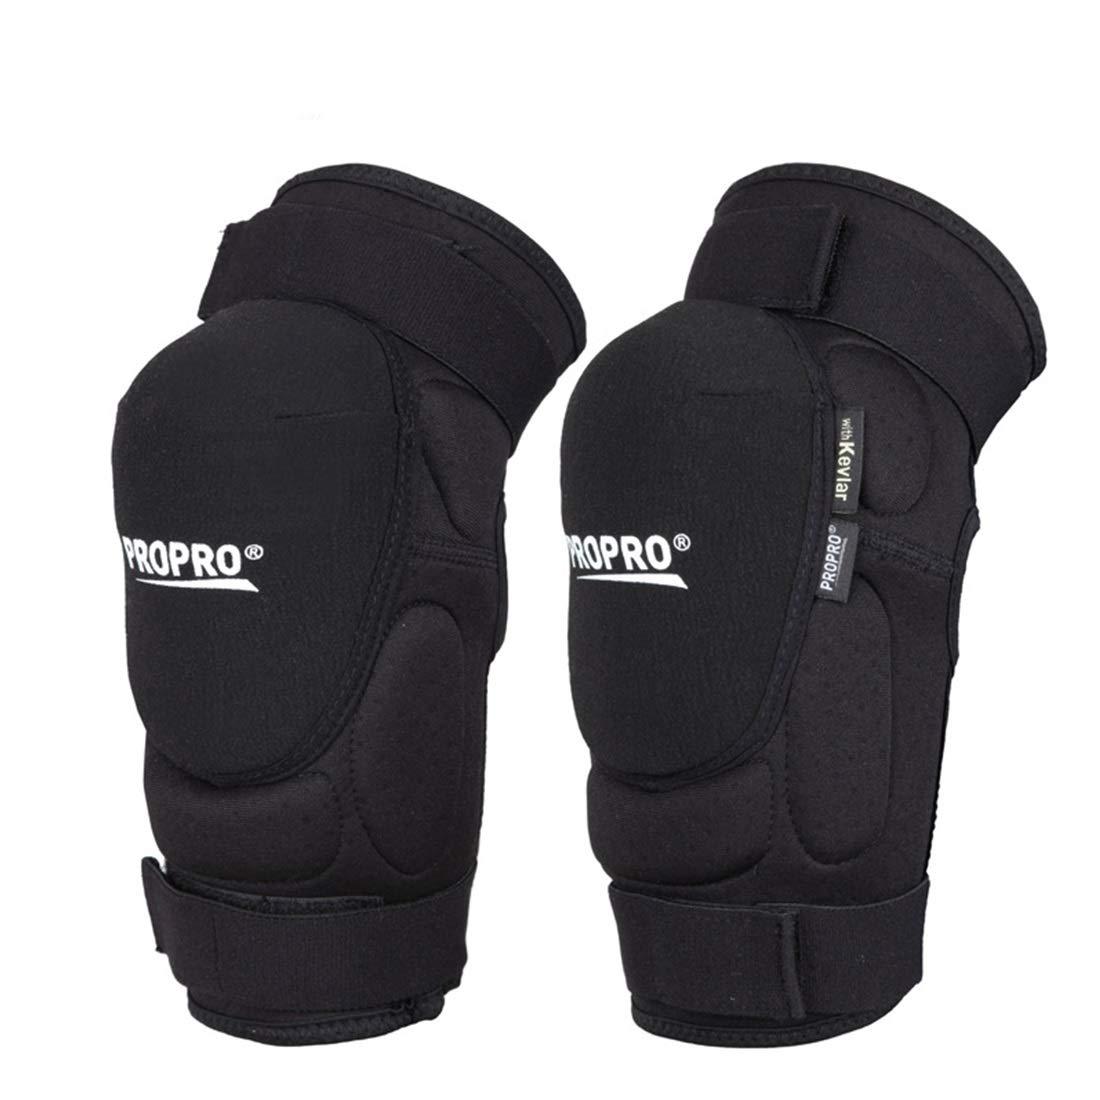 Magaa スポーツ膝パッド肘パッド 通気性耐摩耗登山ギア オフロードバイク乗り馬具 (Color : ブラック, サイズ : M) ブラック M